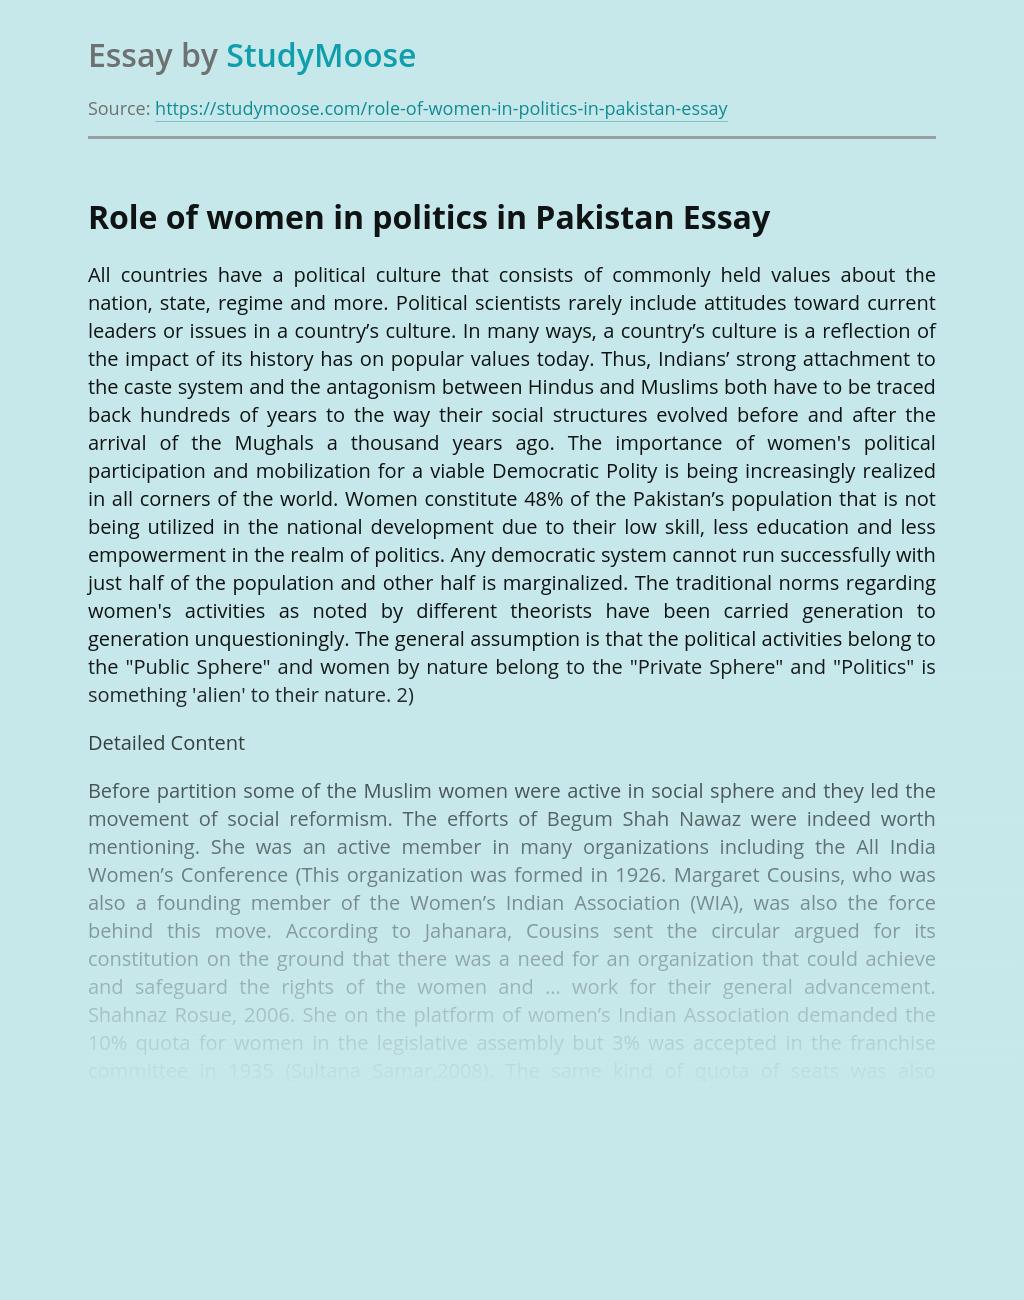 Role of women in politics in Pakistan